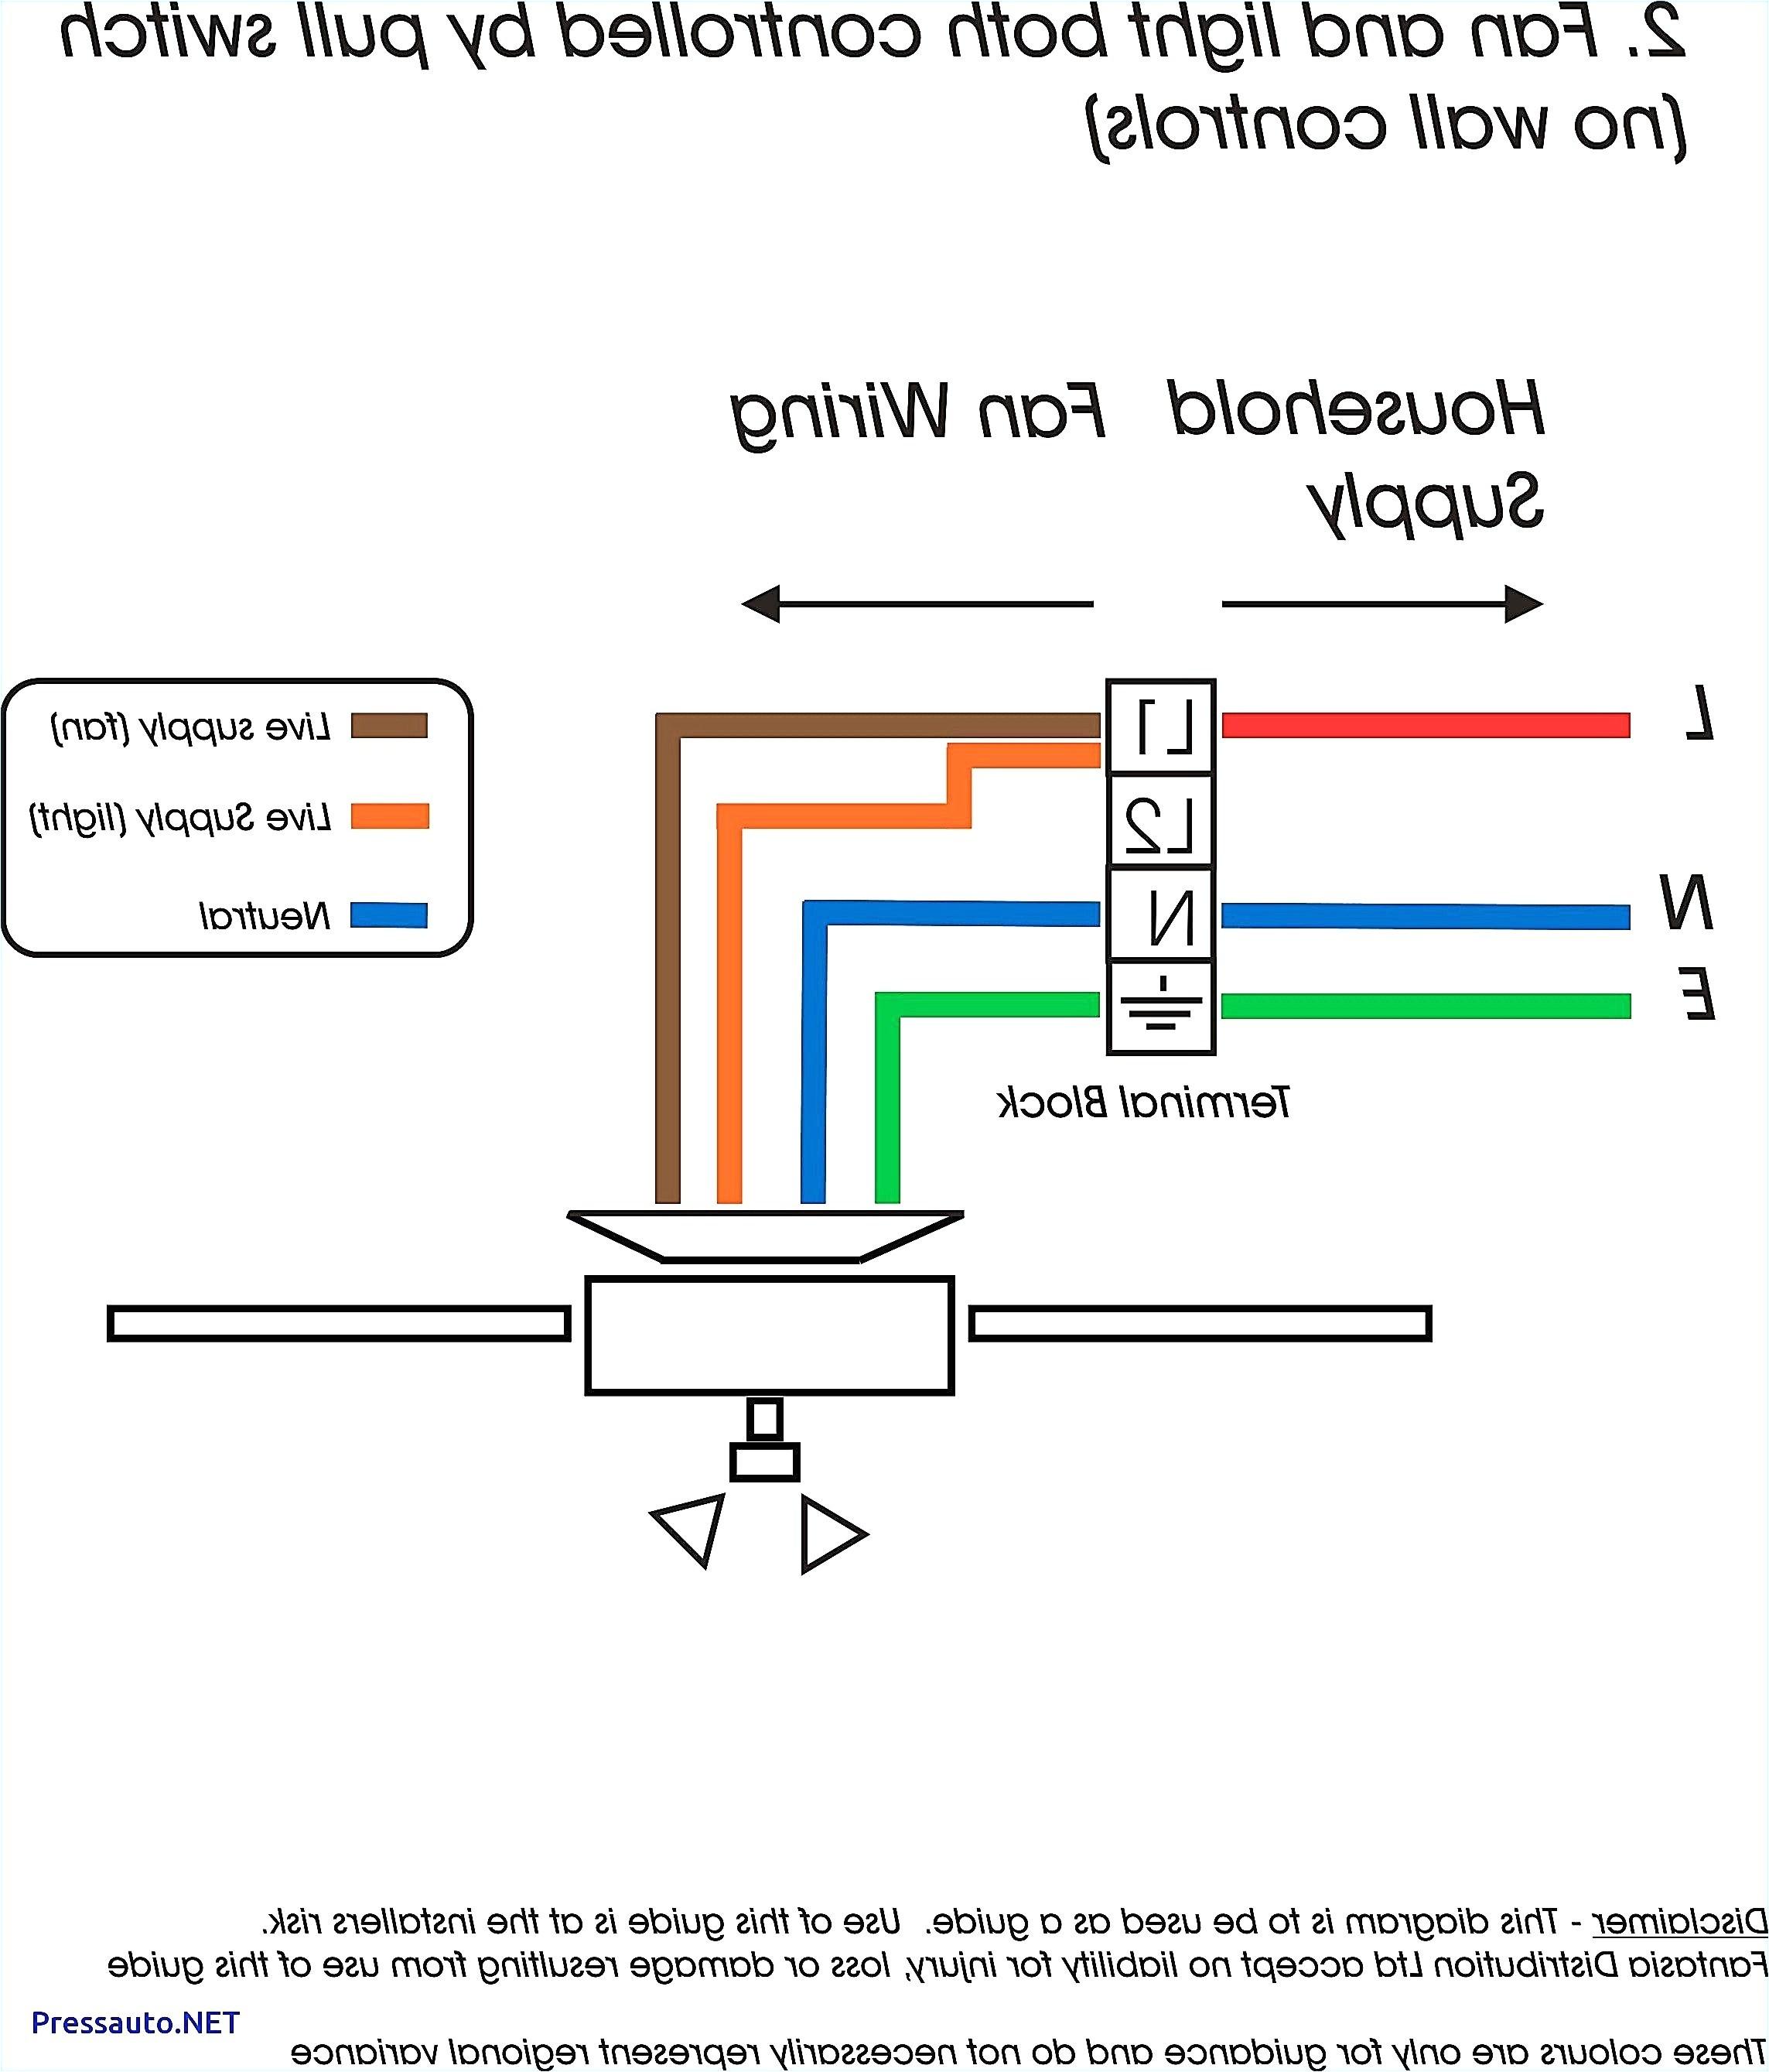 1985 nissan wiring diagram wiring diagram database 1985 nissan 720 radio wiring diagram 1985 nissan radio wiring harness